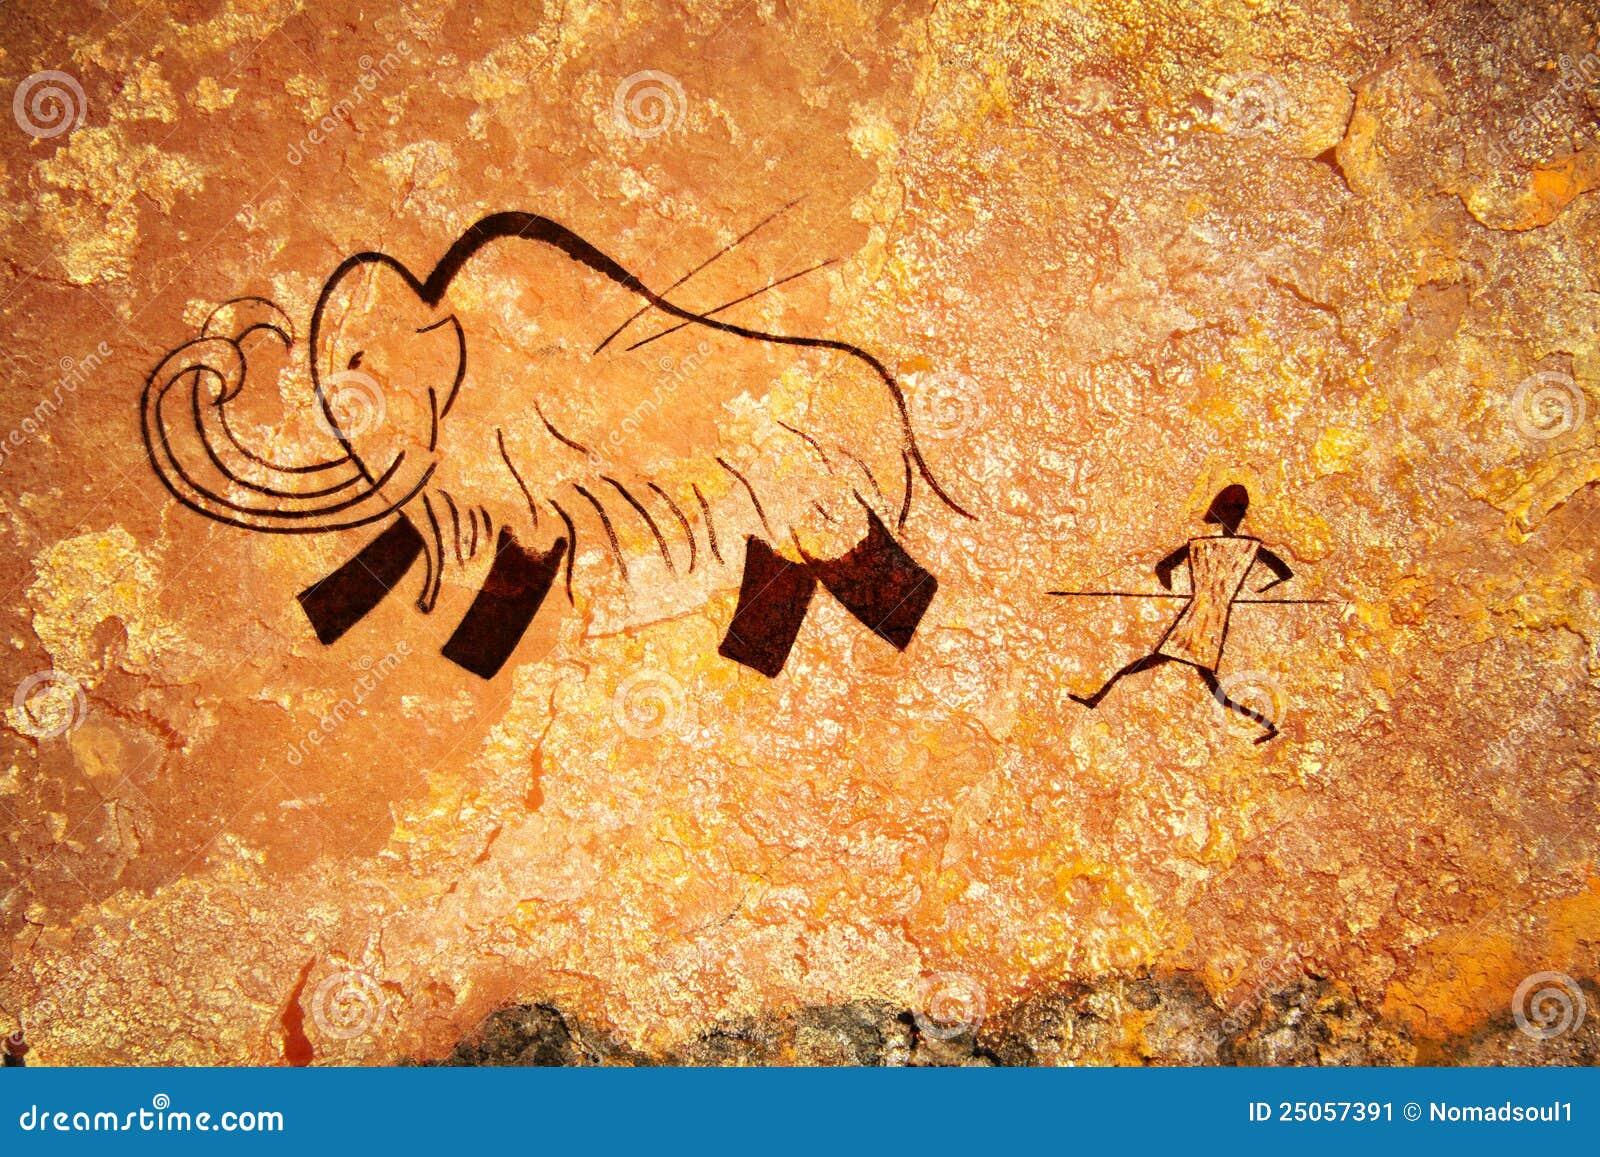 Pittura di caverna della caccia primitiva immagine stock for Piani di caverna dell uomo